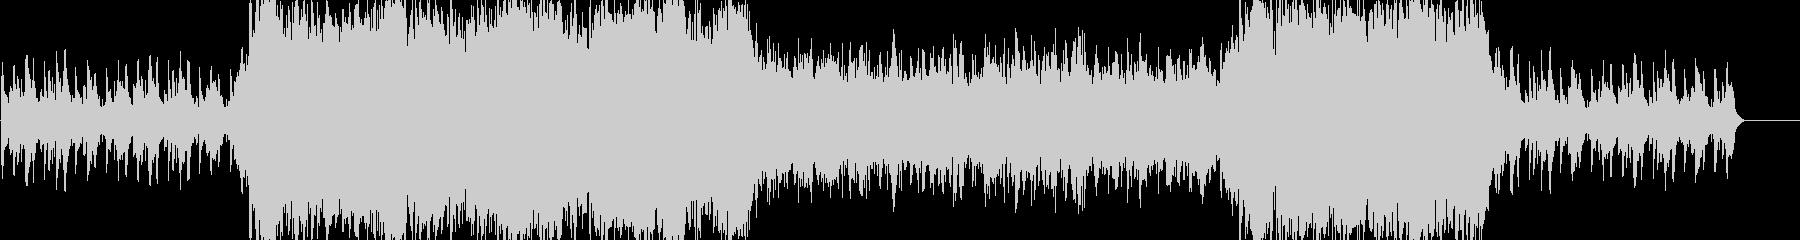 シンセサイザーの不思議な感じな曲の未再生の波形